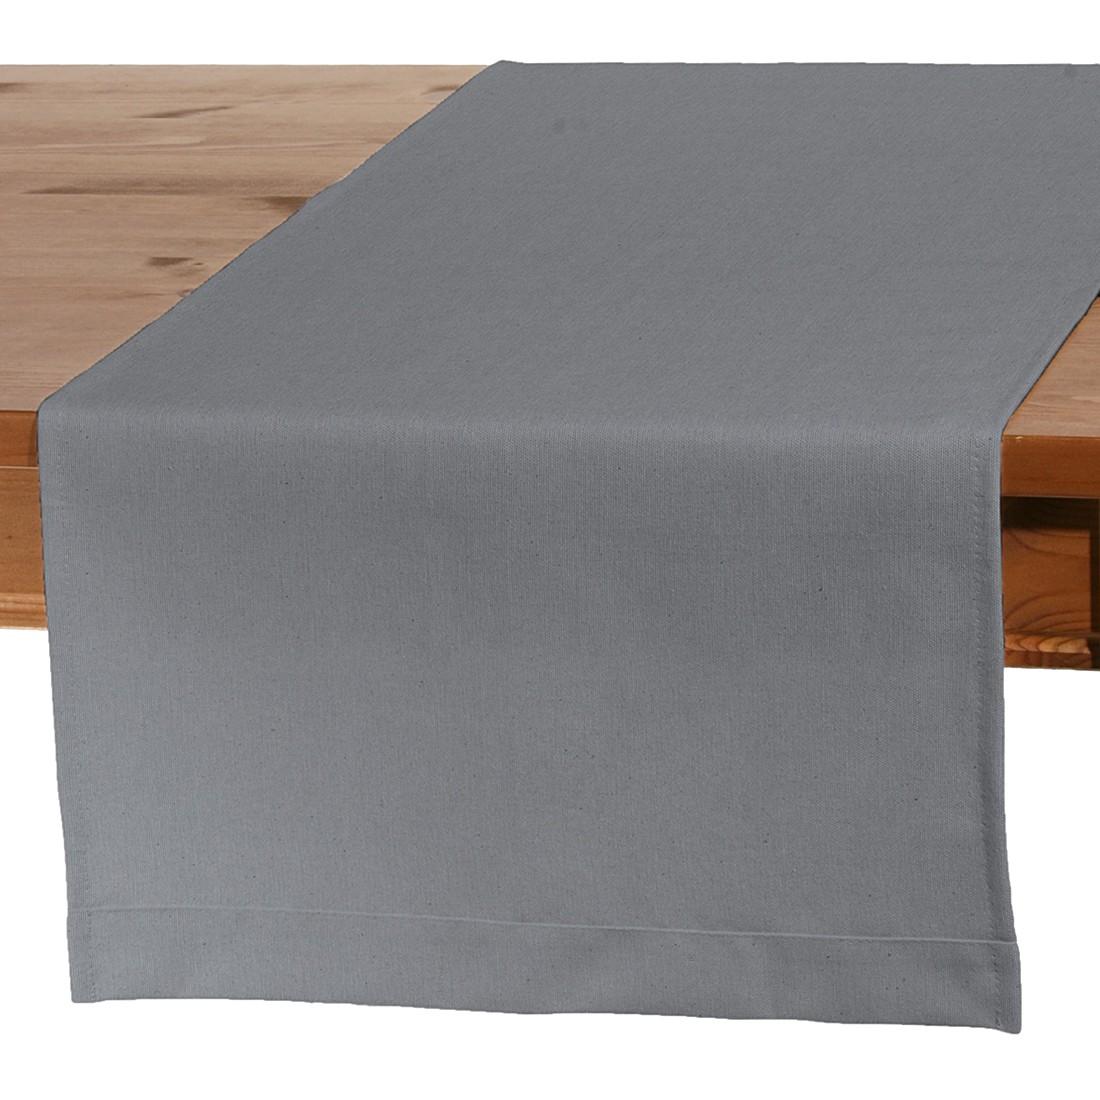 Tischläufer Atago - Grau, Dekoria bei Home24 - Möbel